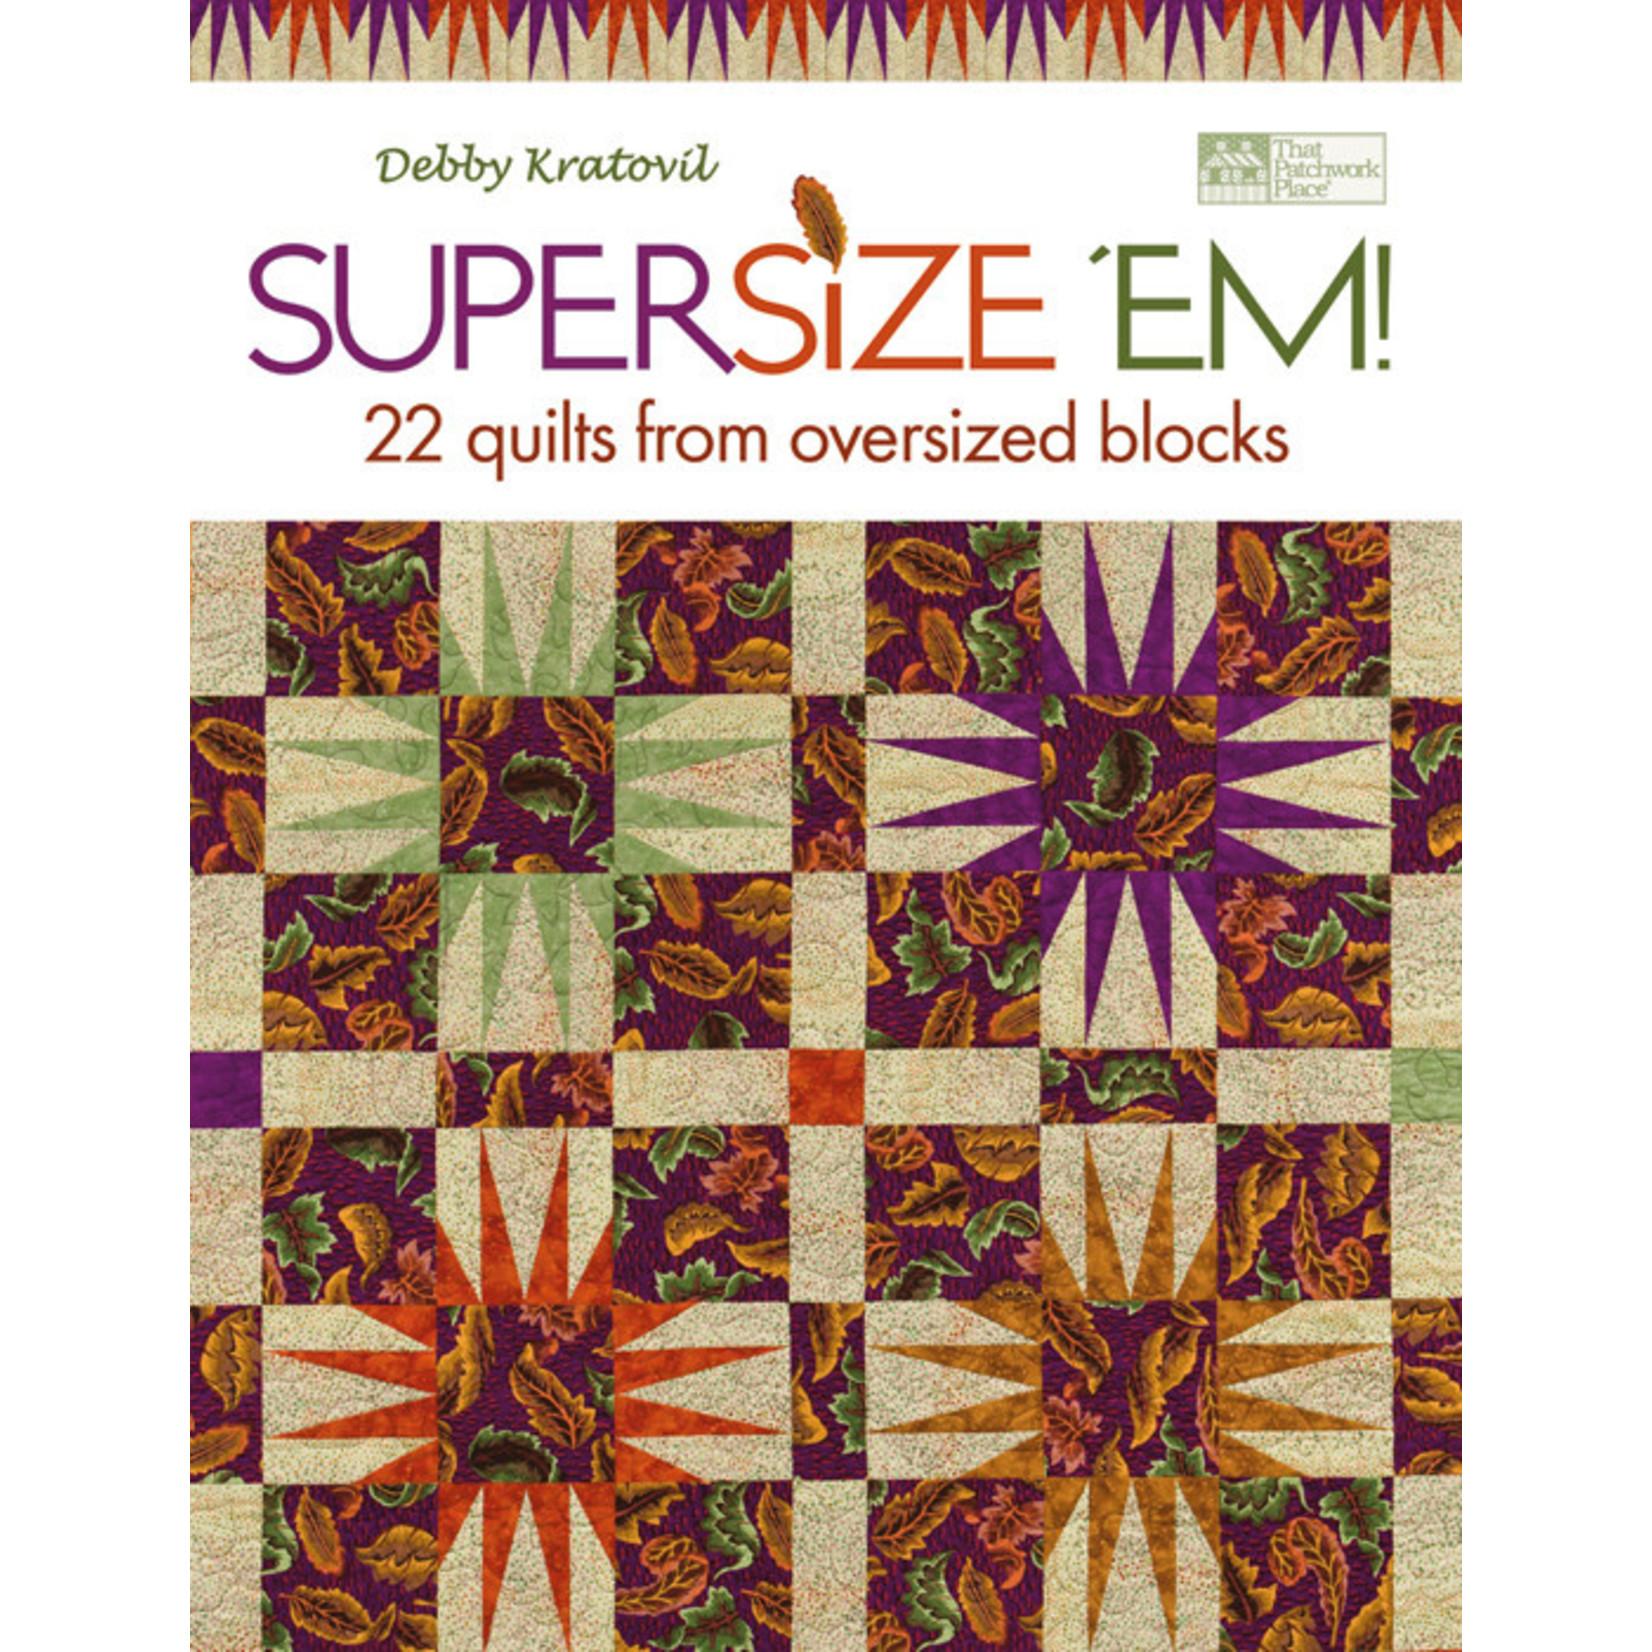 SUPERSIZE 'EM BOOK